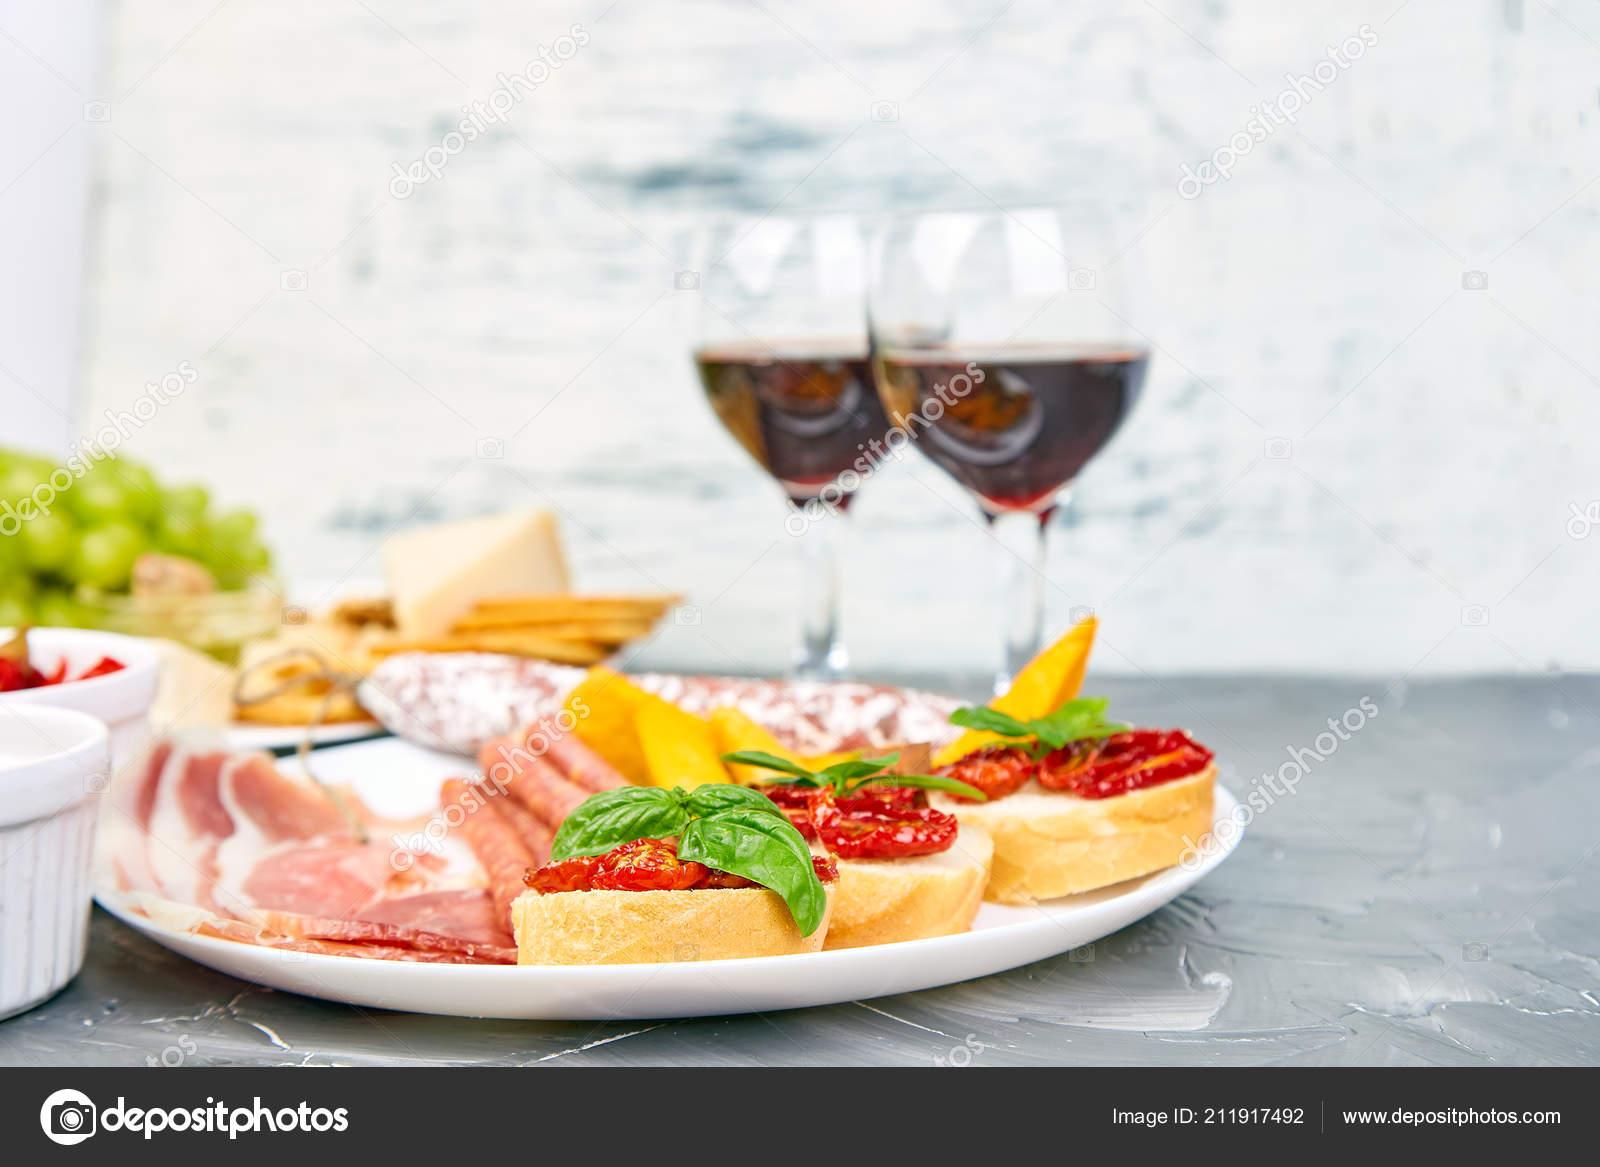 Italian Antipasti Wine Snacks Set Wine Glasses Antipasto Catering Platter Stock Photo C Bondarillia 211917492